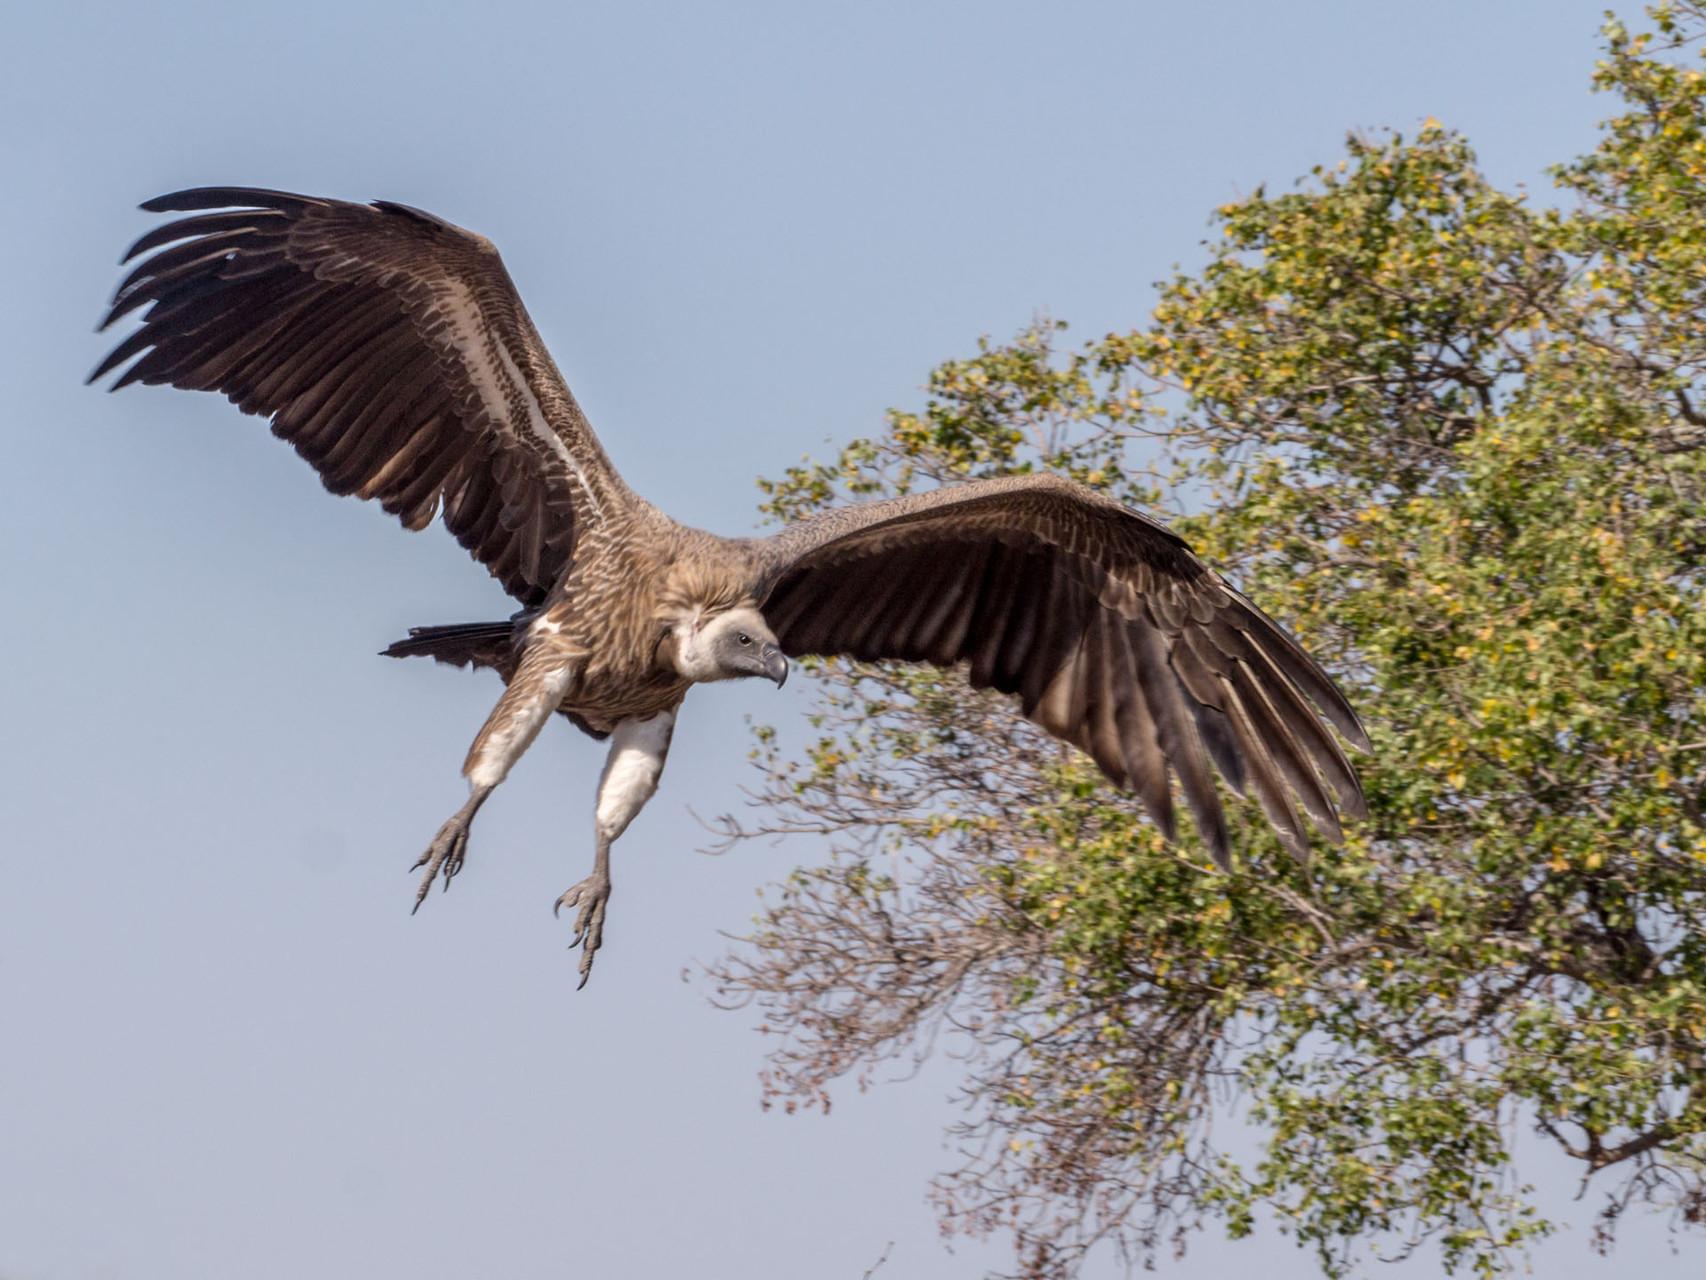 Vulture [Kruger NP, South Africa, 2015]